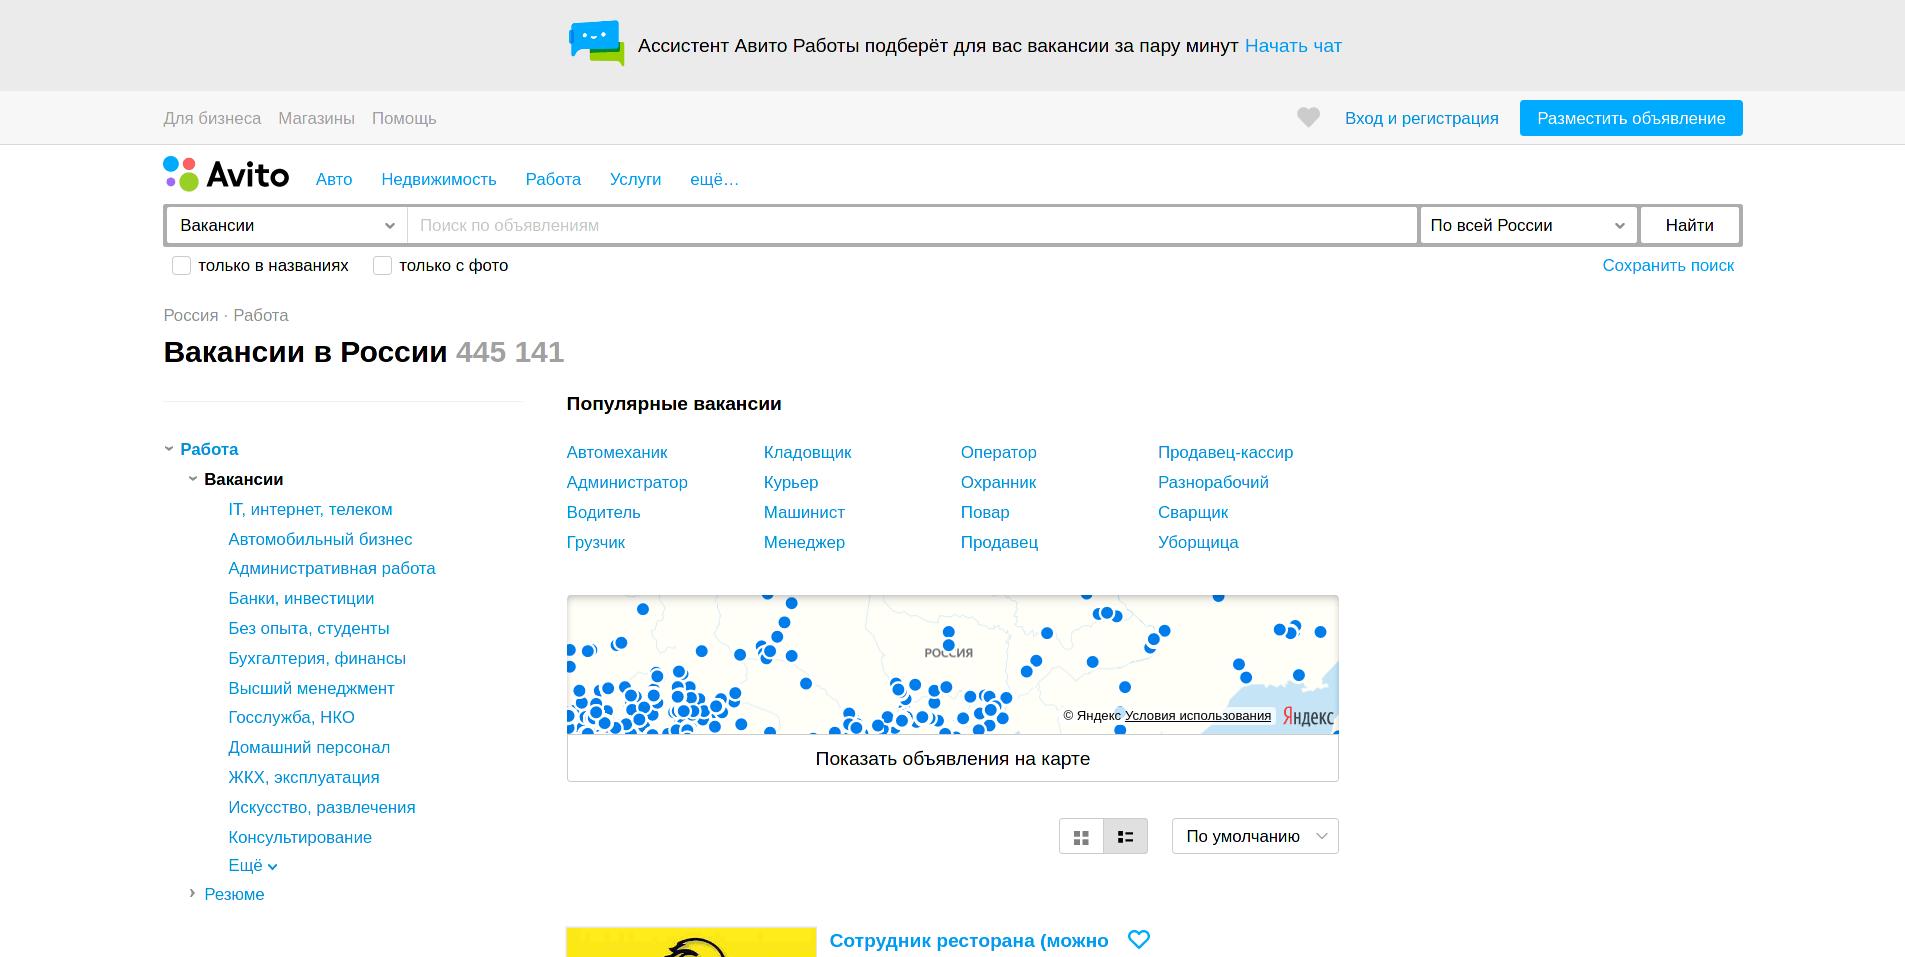 Screenshot_2021-03-05 Свежие вакансии Работа Авито.png